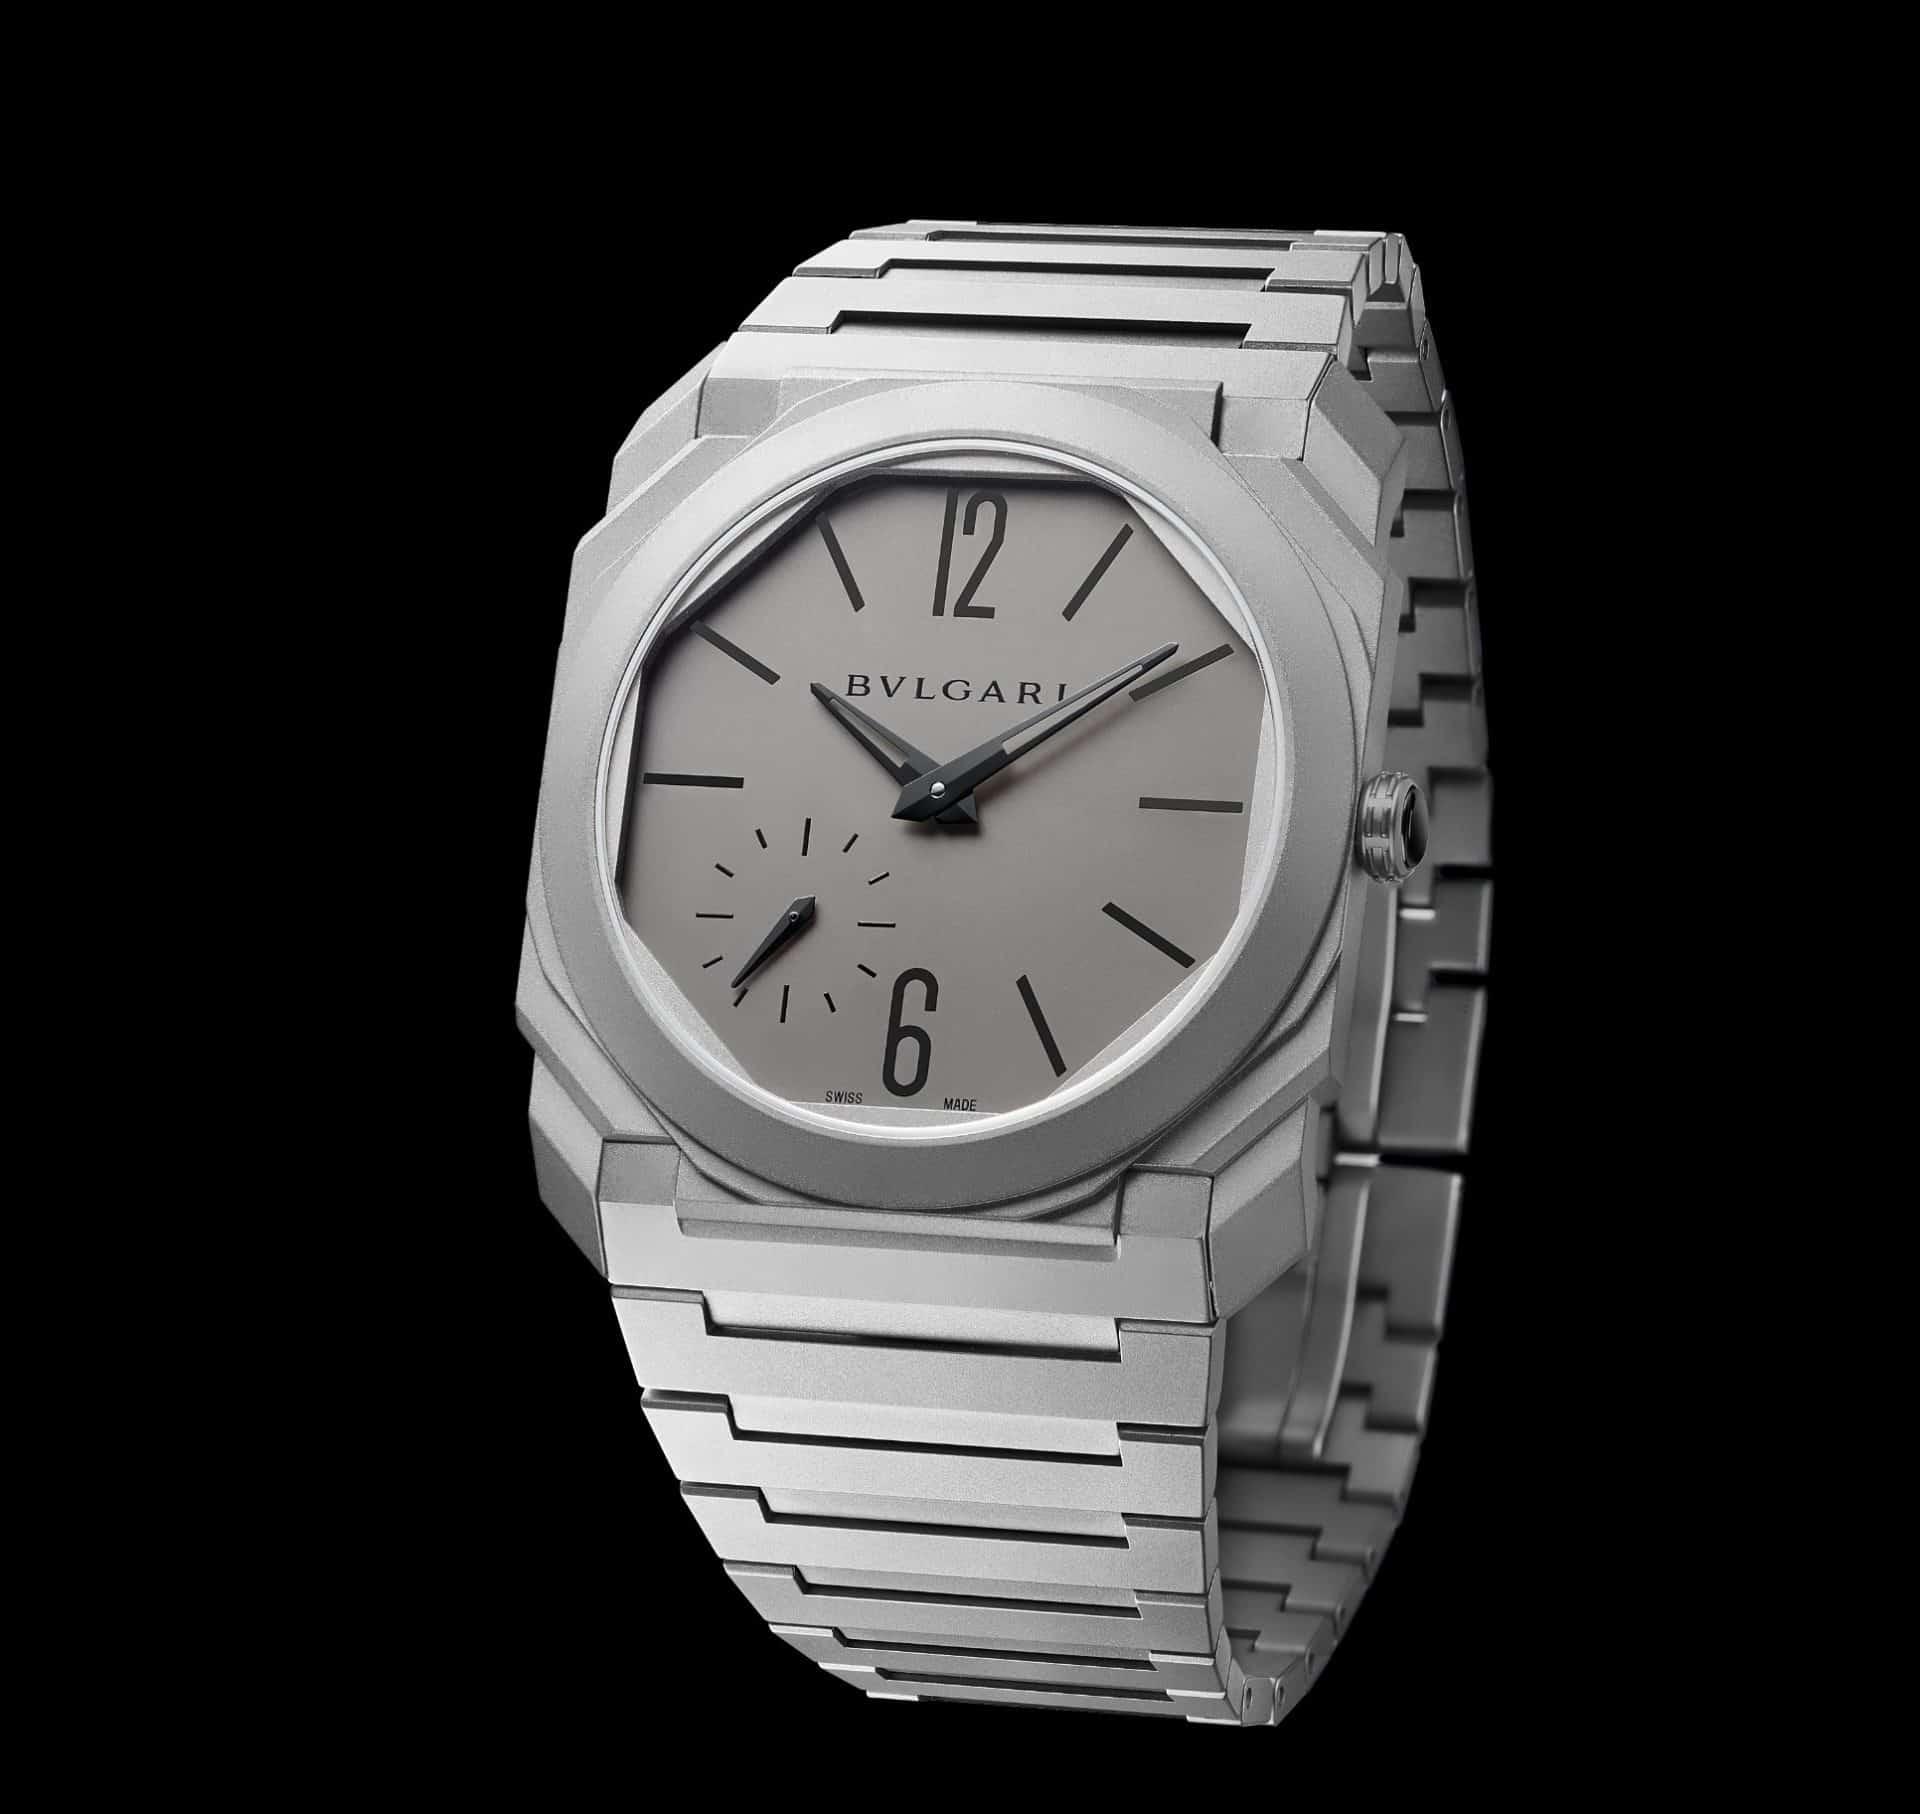 Bulgari Octo Finissimo Automatik, das ist superflacher Uhrenbau. In Titan kostet das Modell 17.800€, es gibt jedoch inzwischen auch ein Modell in Stahl.